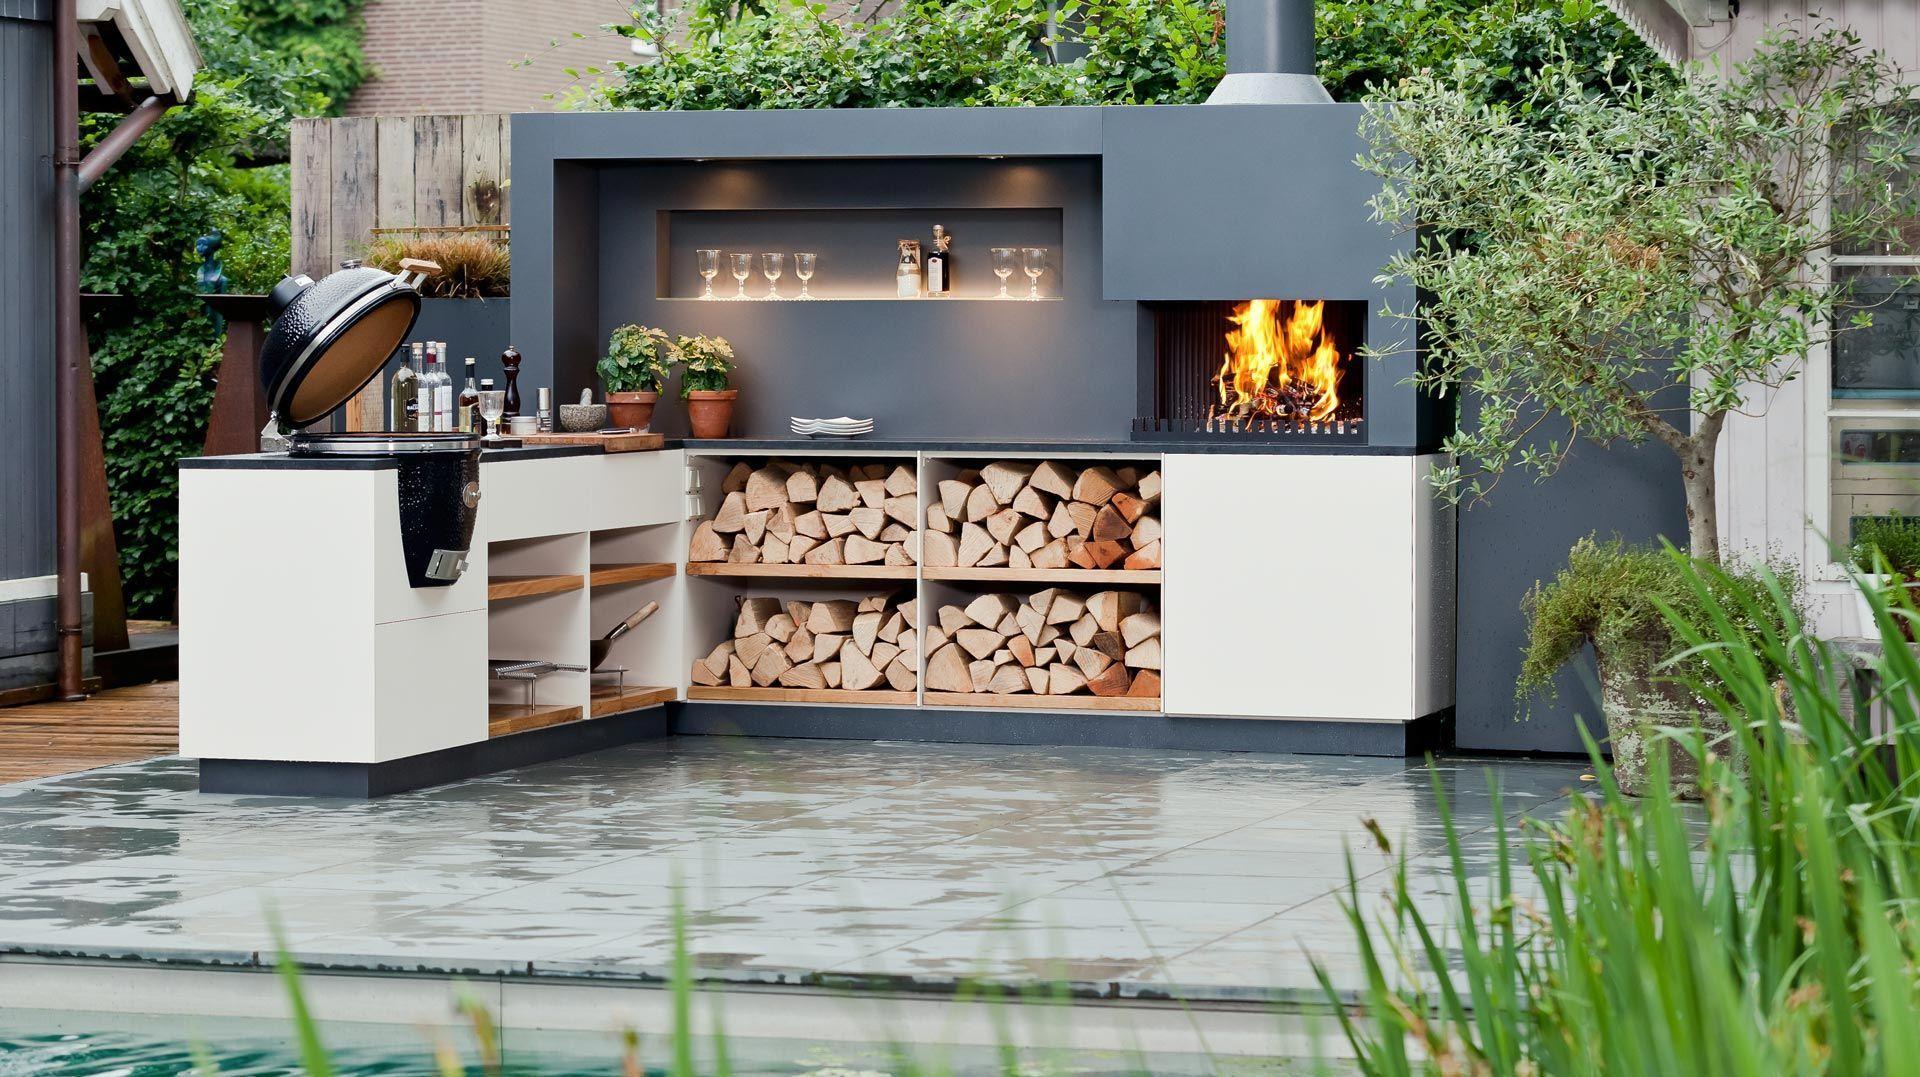 freiluftküche | die modulare outdoor küche. - freiluftküche